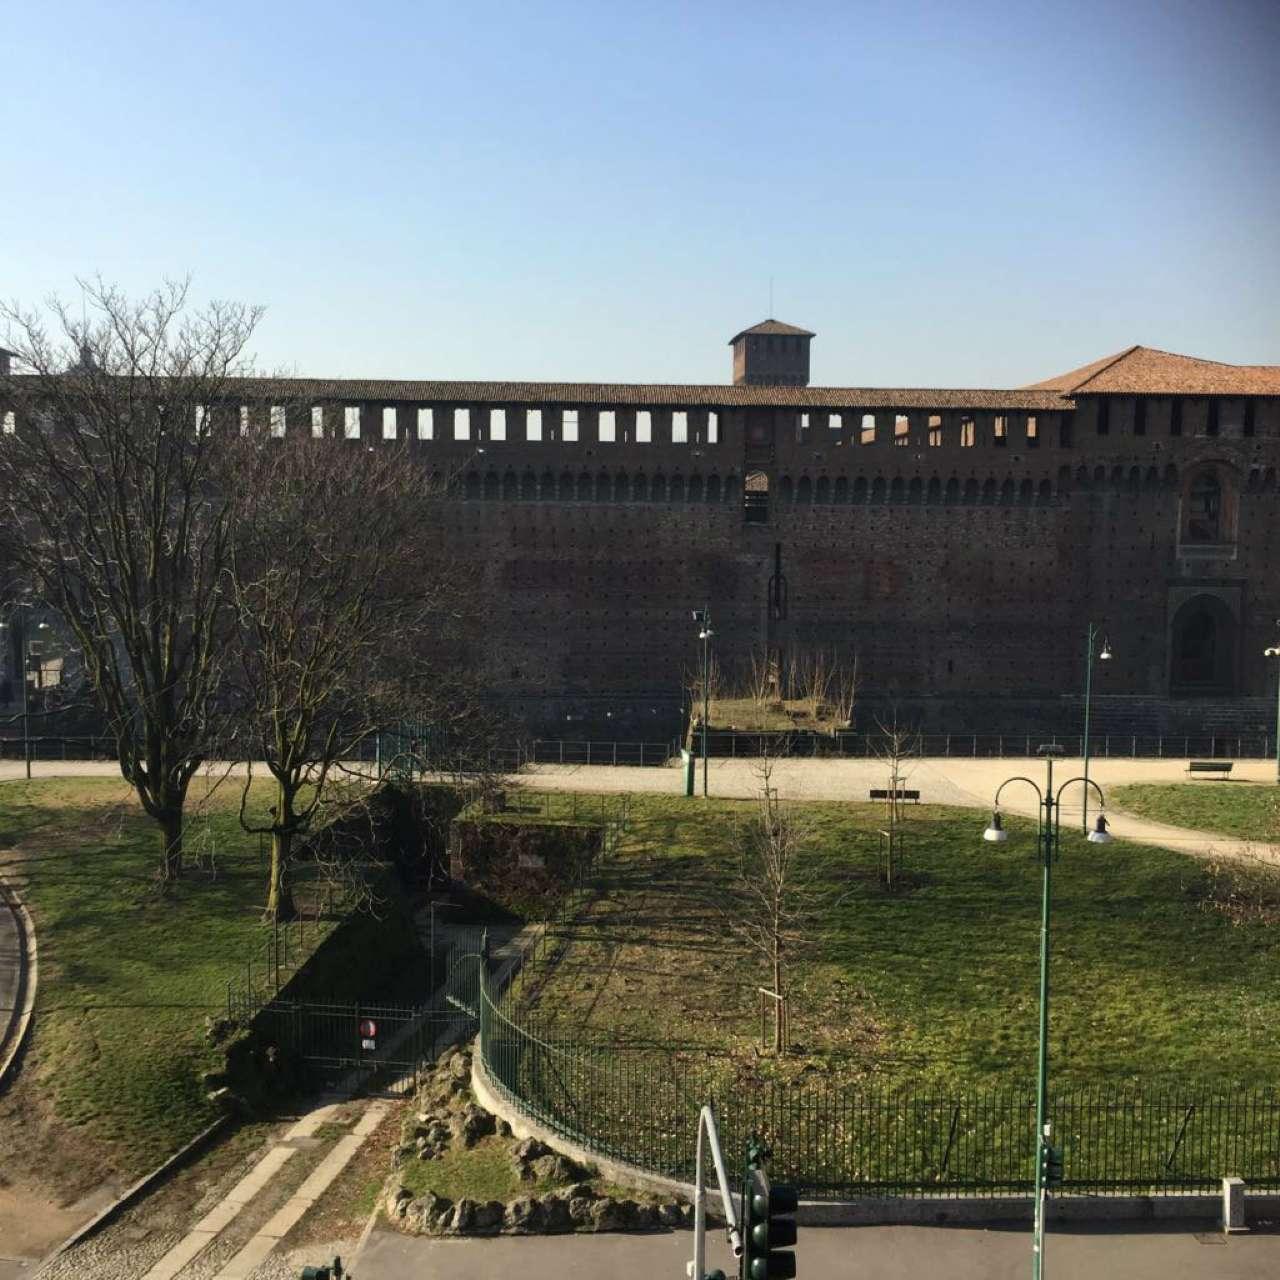 Appartamento in affitto a Milano, 6 locali, zona Zona: 1 . Centro Storico, Duomo, Brera, Cadorna, Cattolica, prezzo € 5.300   Cambio Casa.it